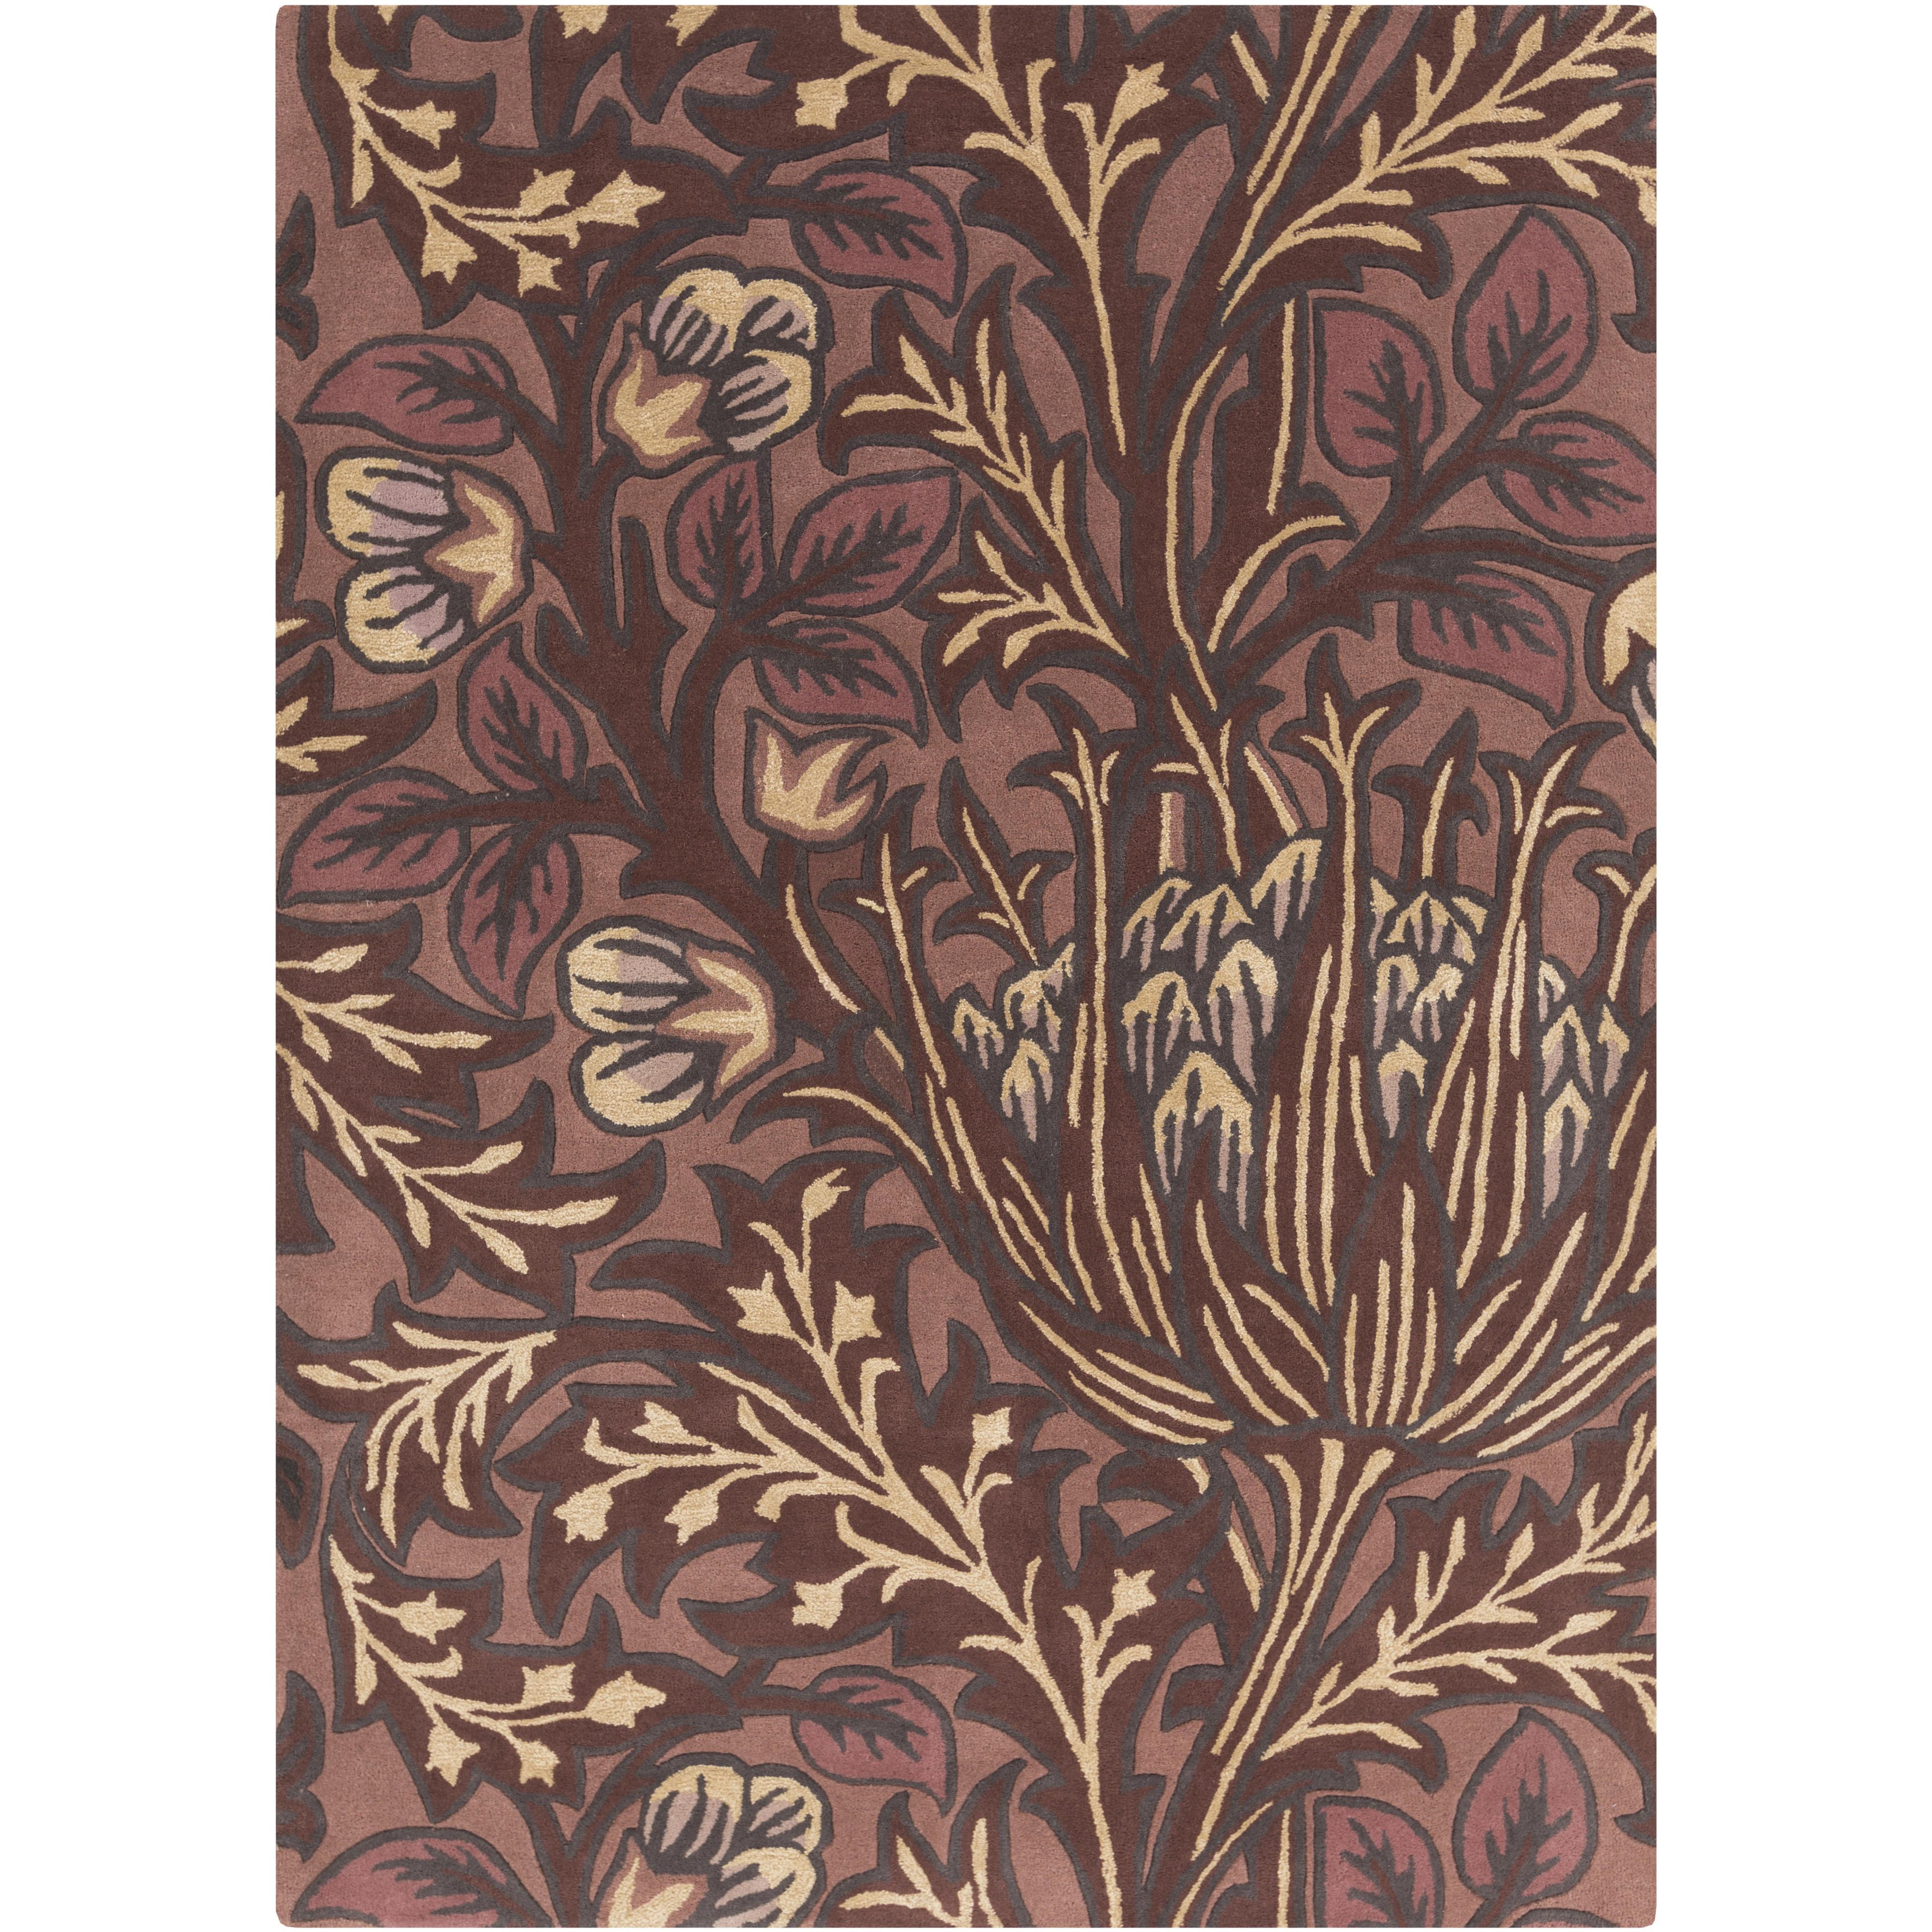 Surya Rugs William Morris 8' x 11' - Item Number: WLM3006-811